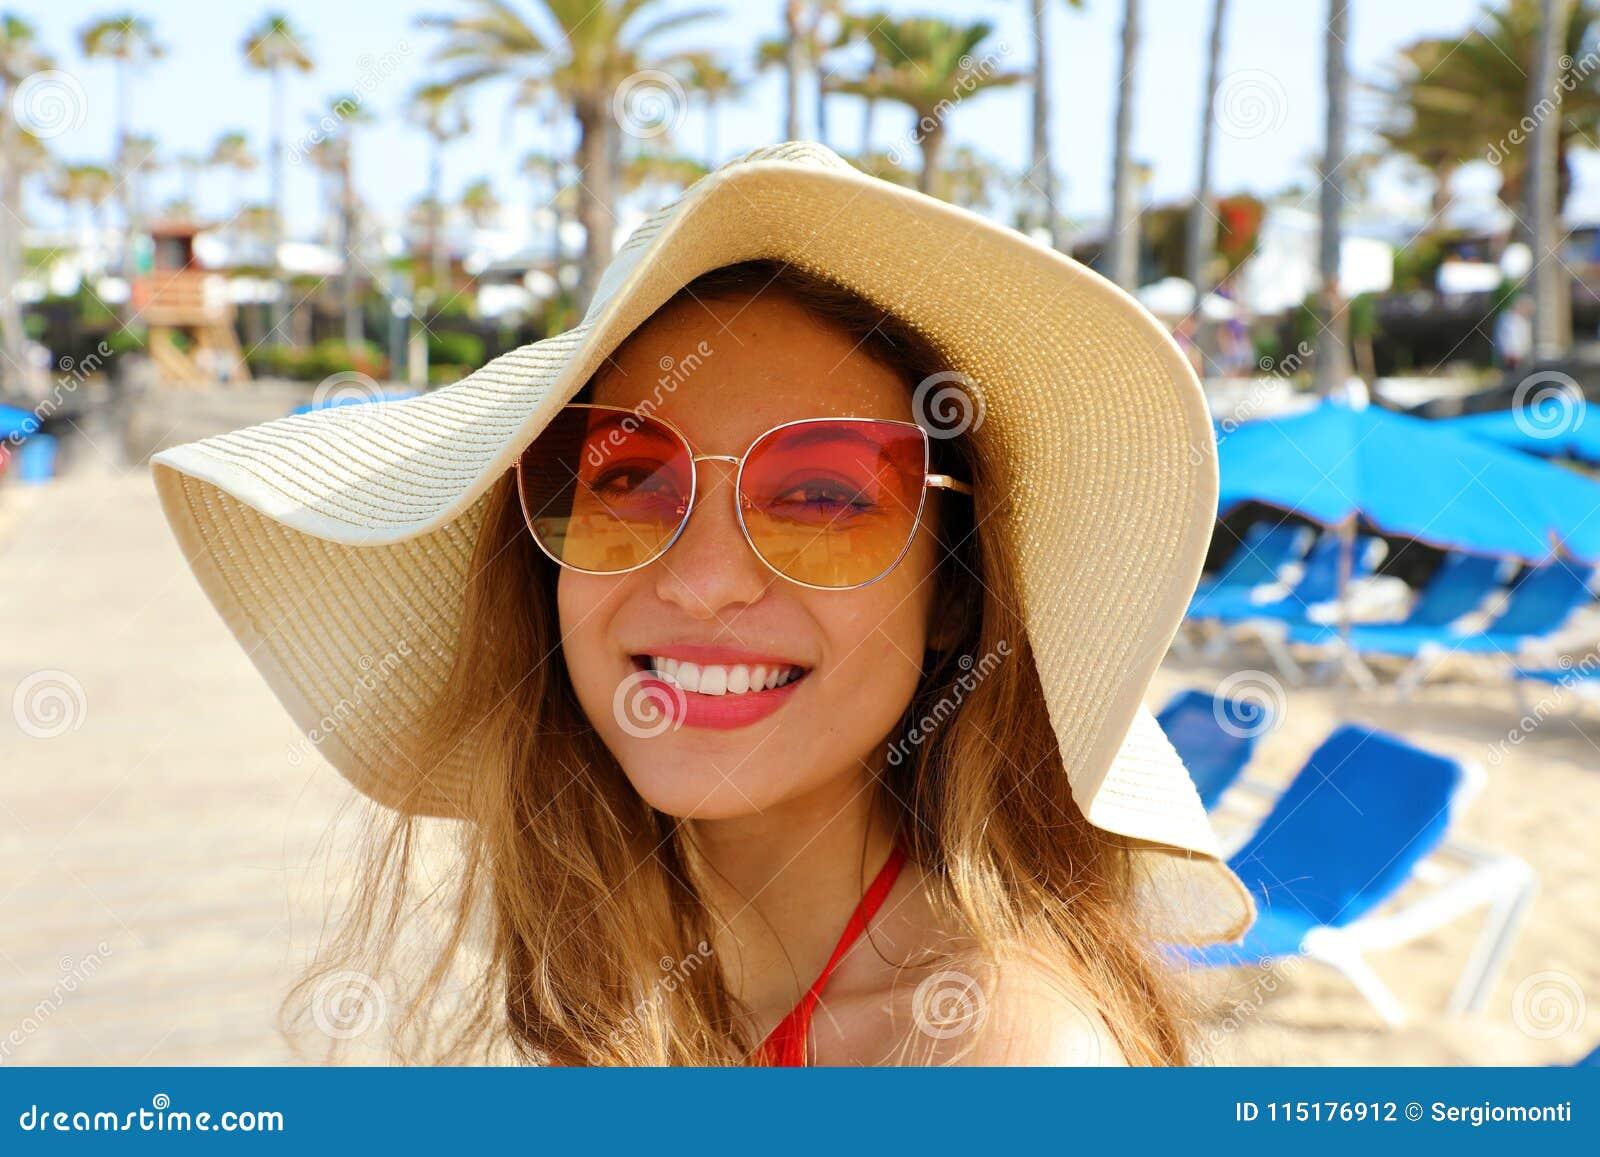 Mujer Moda Joven El De Muchacha Sonriente En La Playa Con rdtxQhsCBo